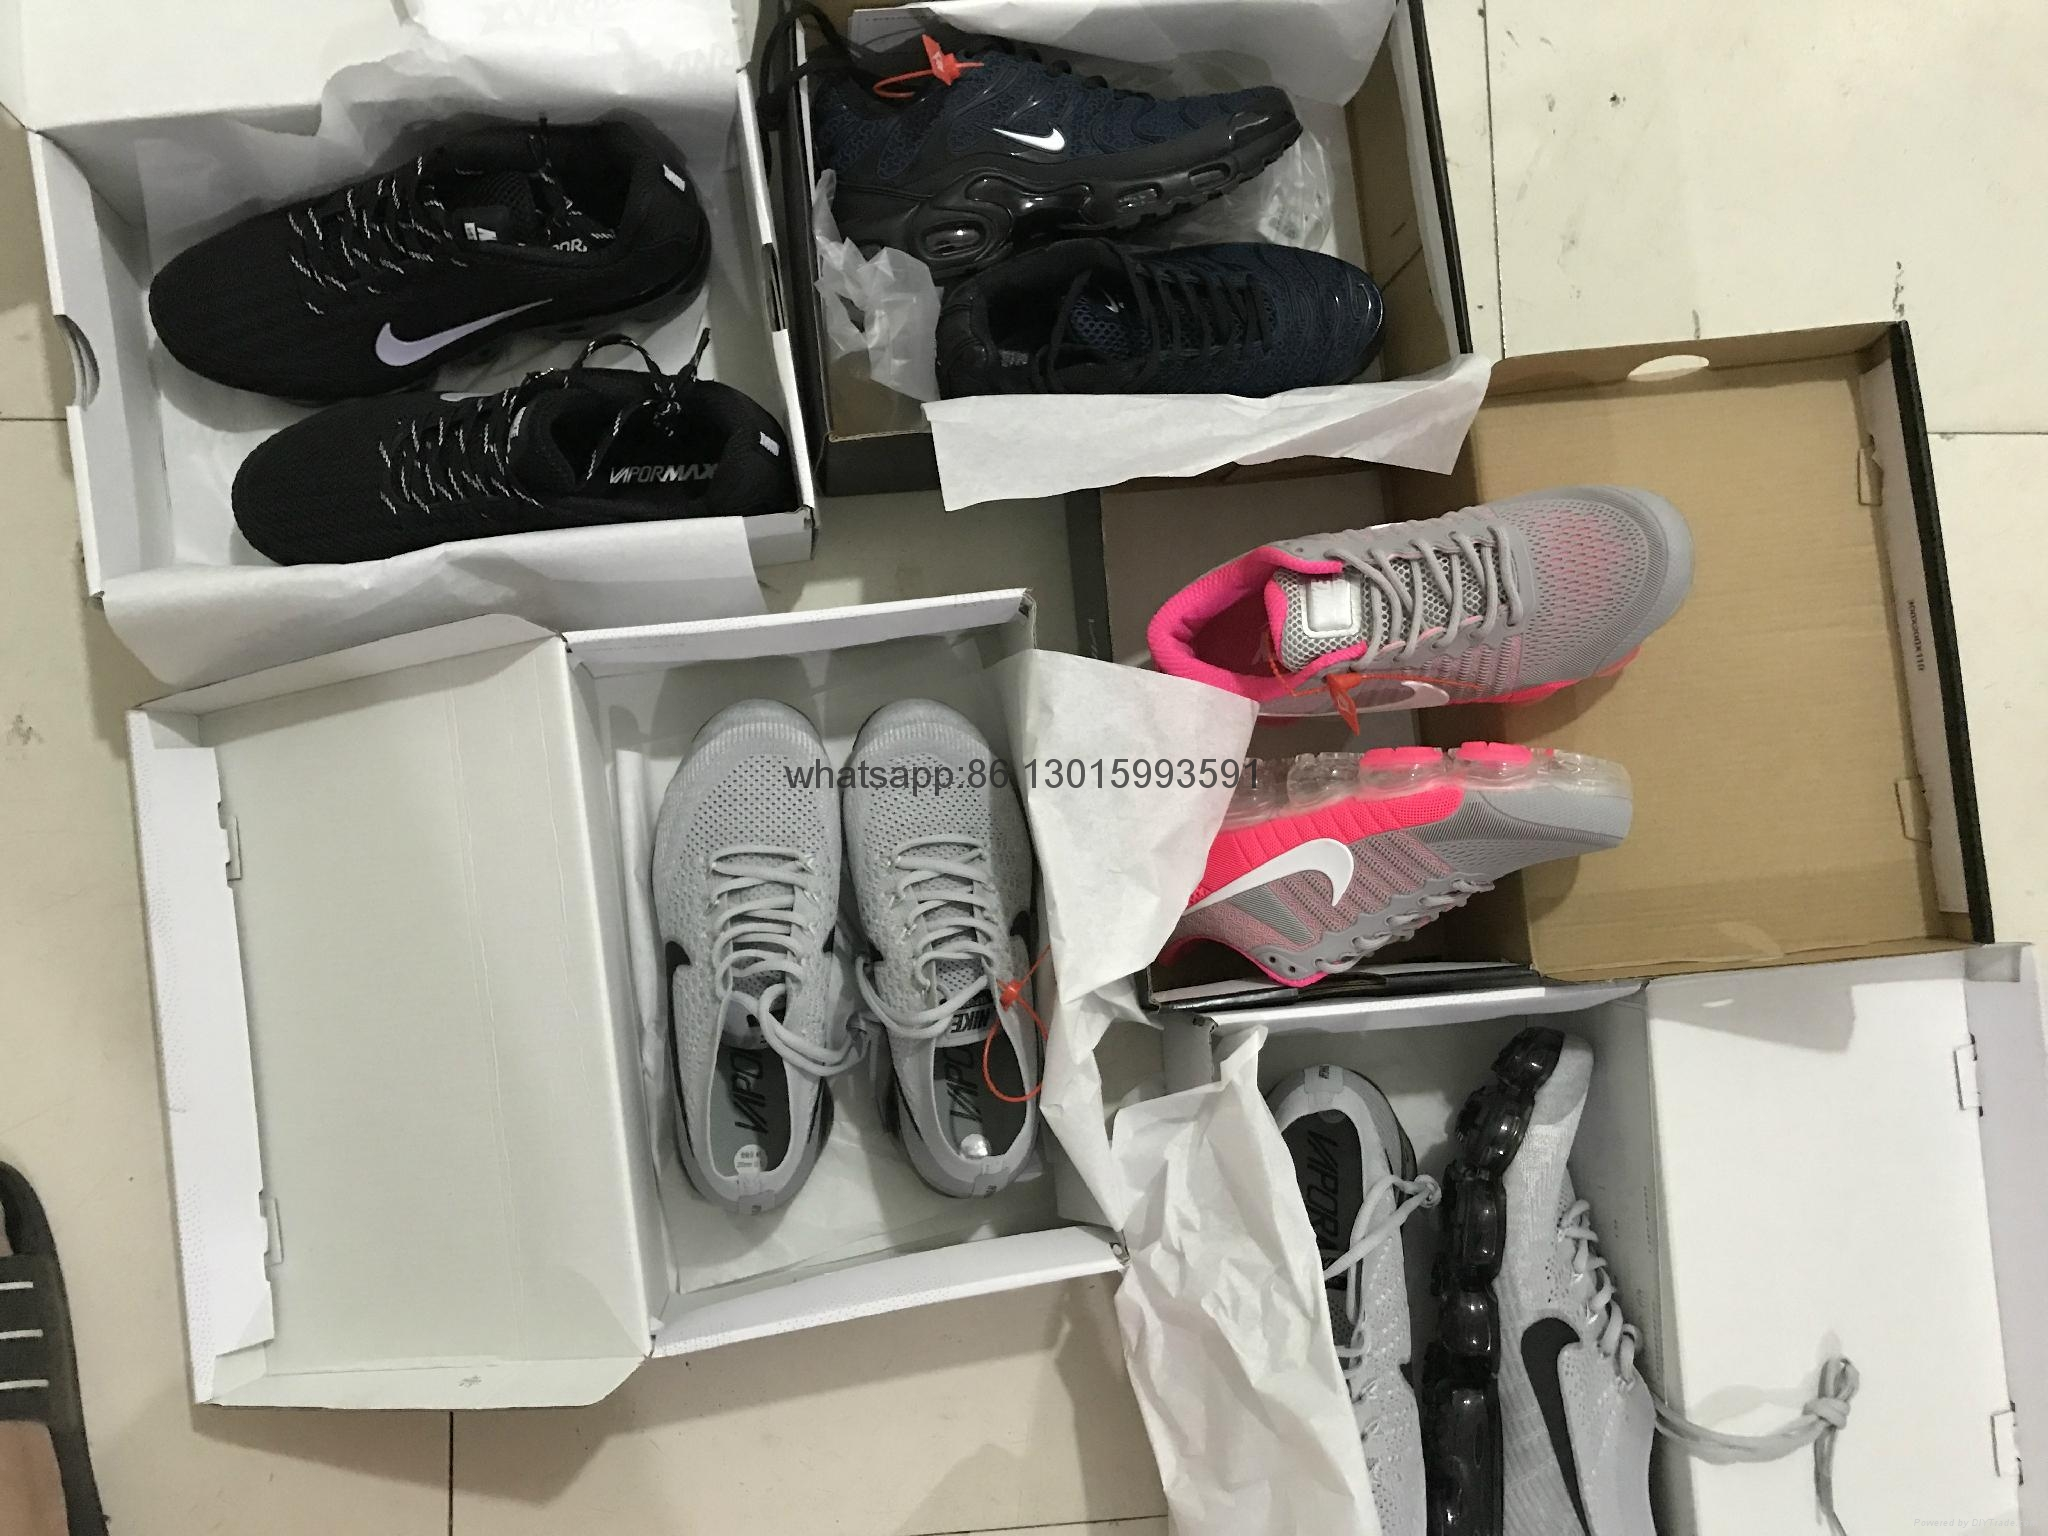 4 Nike air max 2017 authentic jordan sneaker original adidas yeezy wholesale  hot!